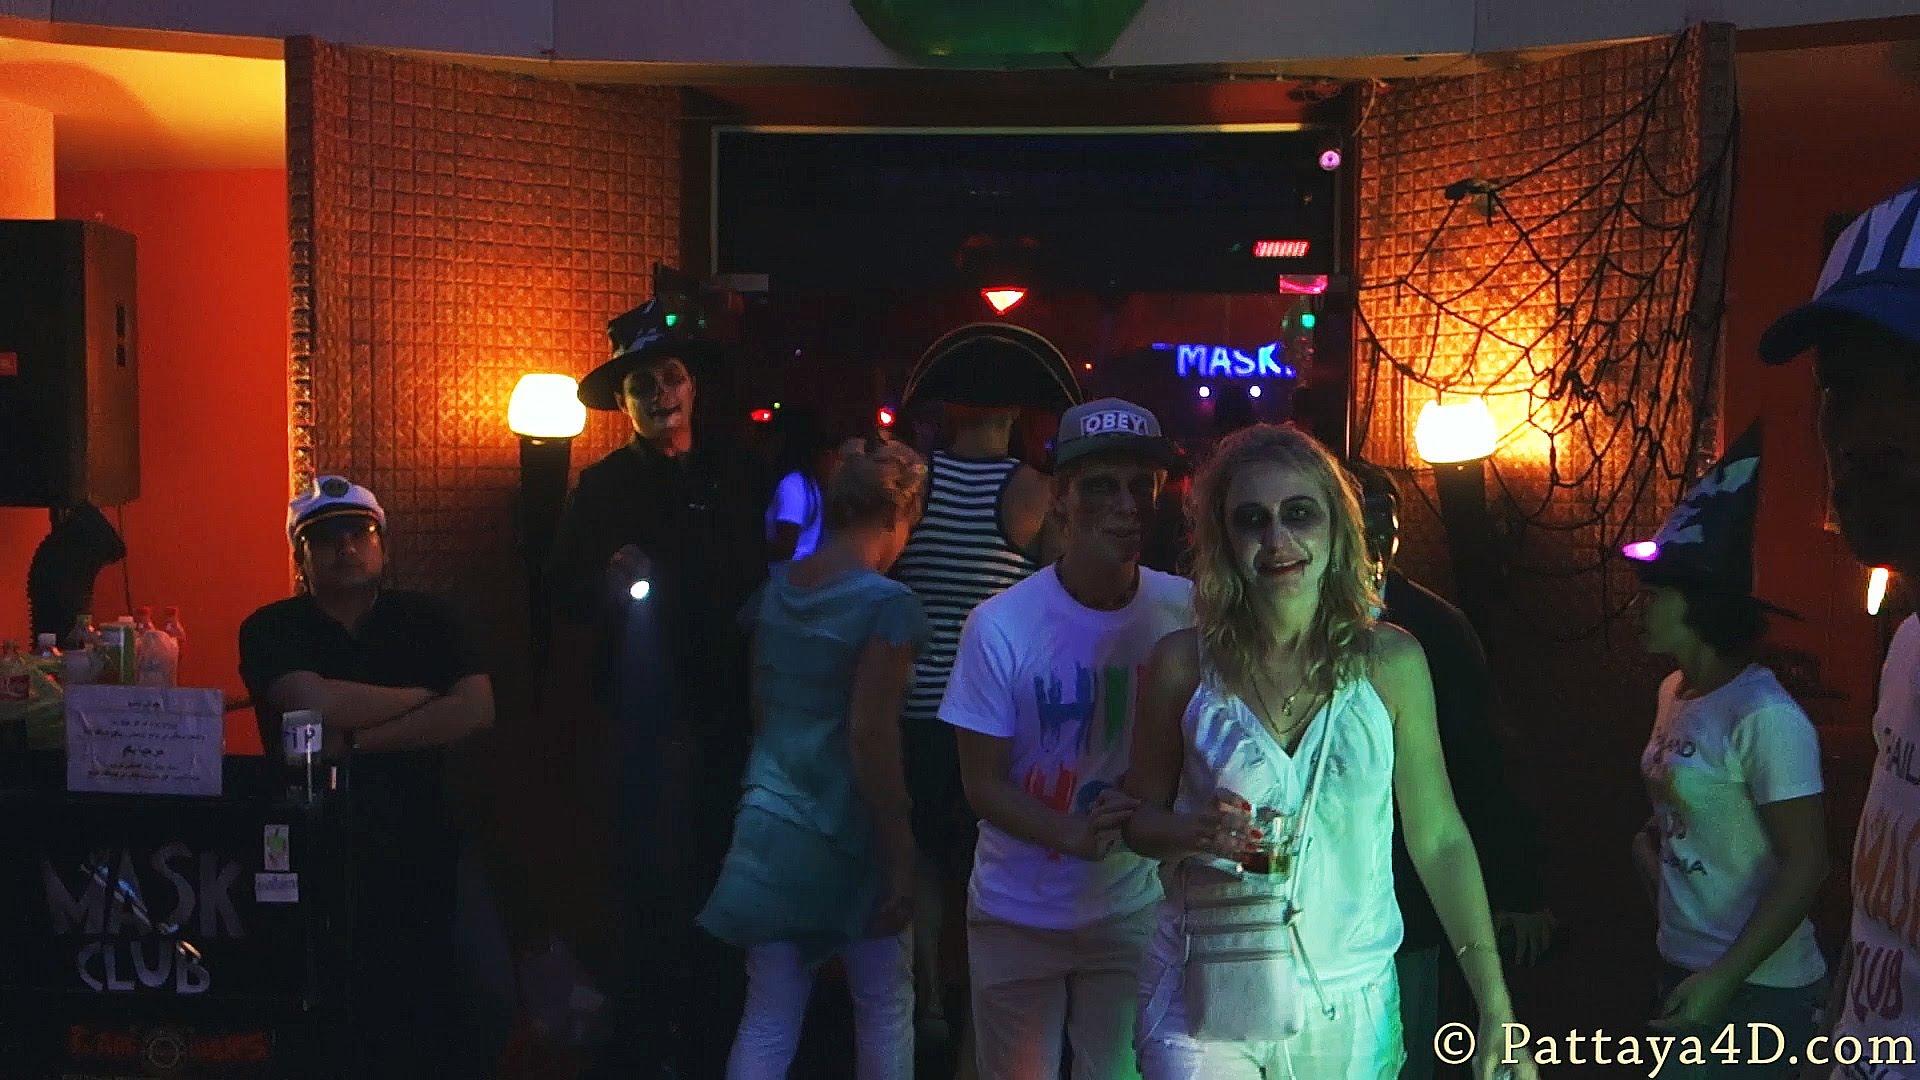 le mask club